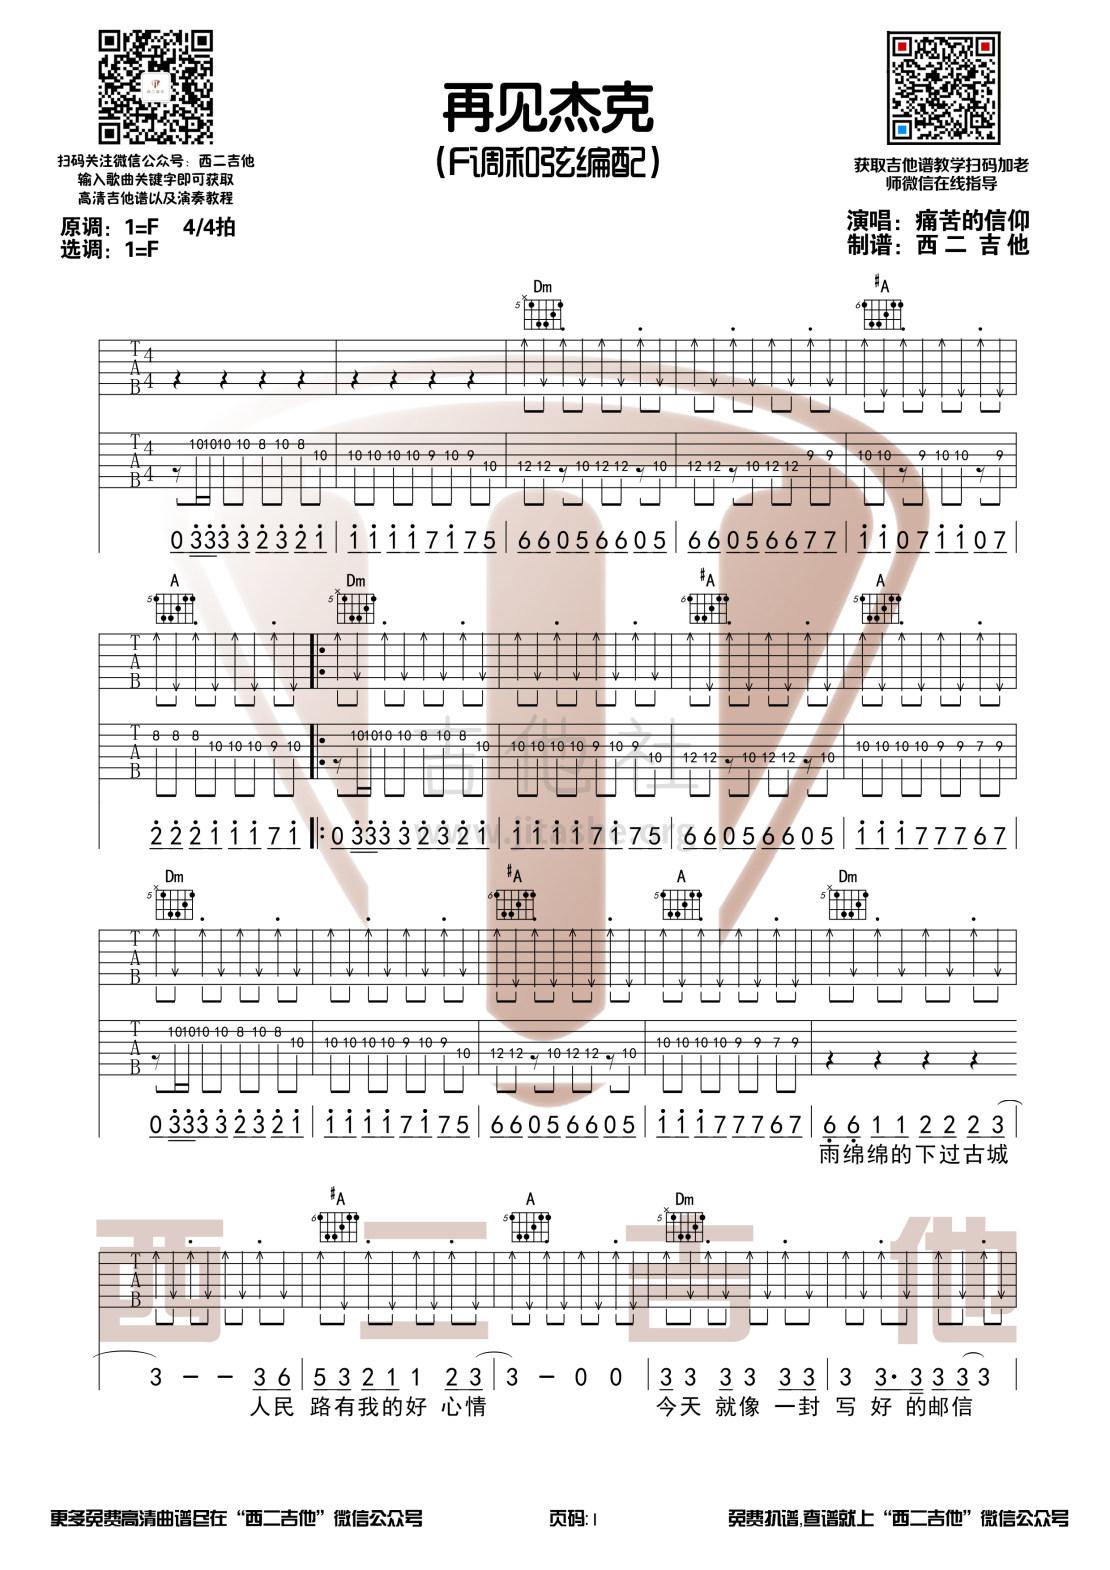 再见杰克(带前奏间奏吉他谱+演奏视频 西二吉他)吉他谱(图片谱,切音,西二吉他,原版)_痛苦的信仰(痛仰)_再见杰克1.jpg